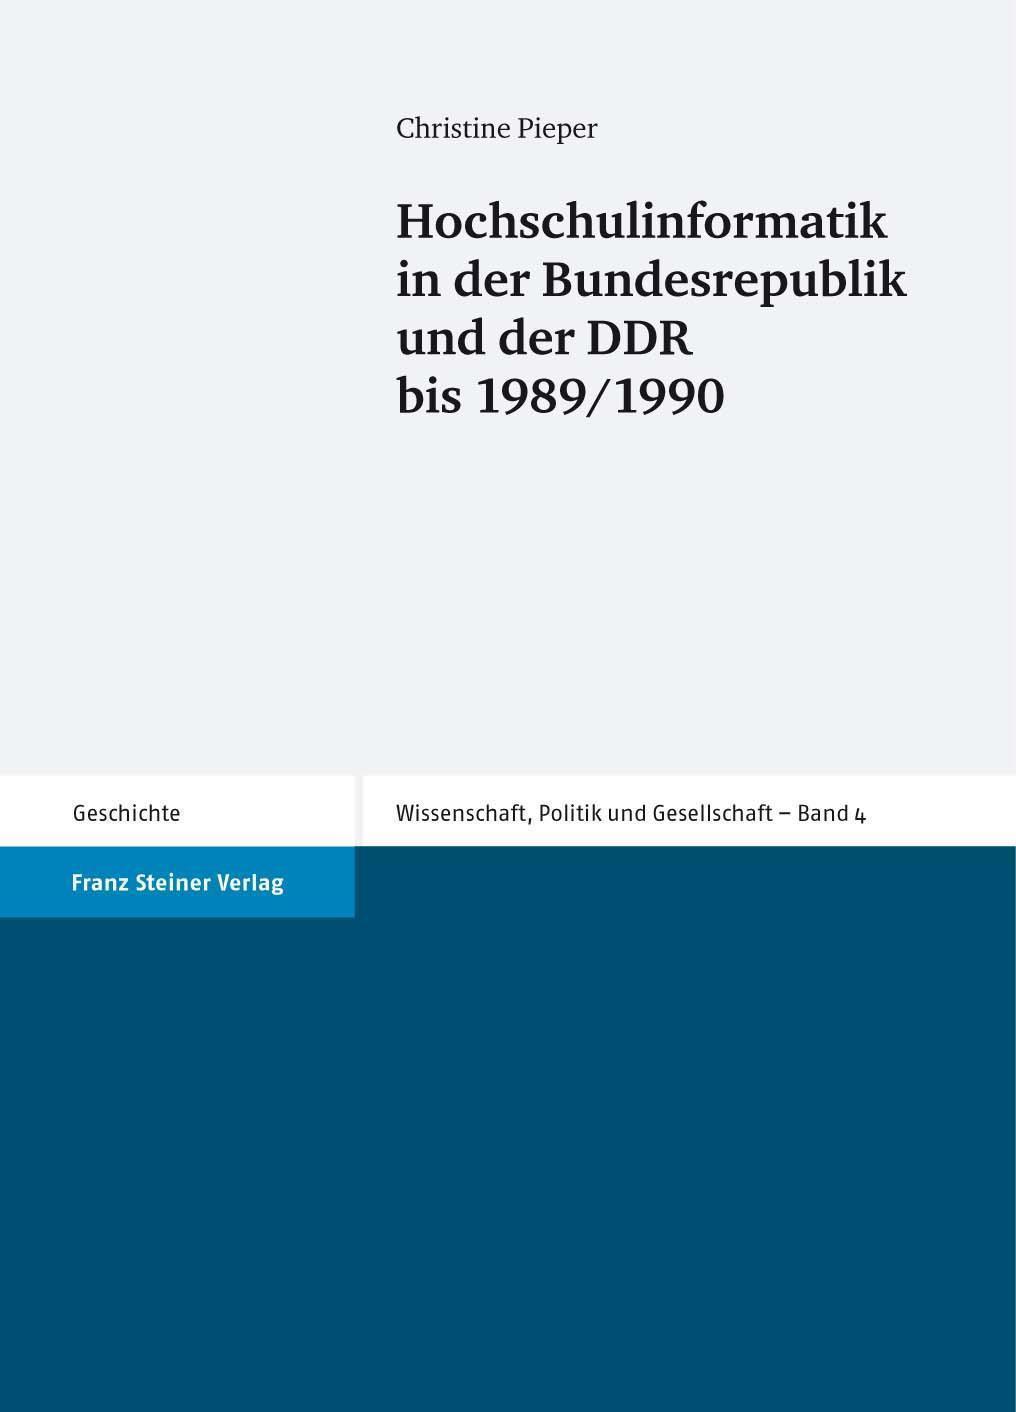 Hochschulinformatik in der Bundesrepublik und der DDR bis 1989/1990